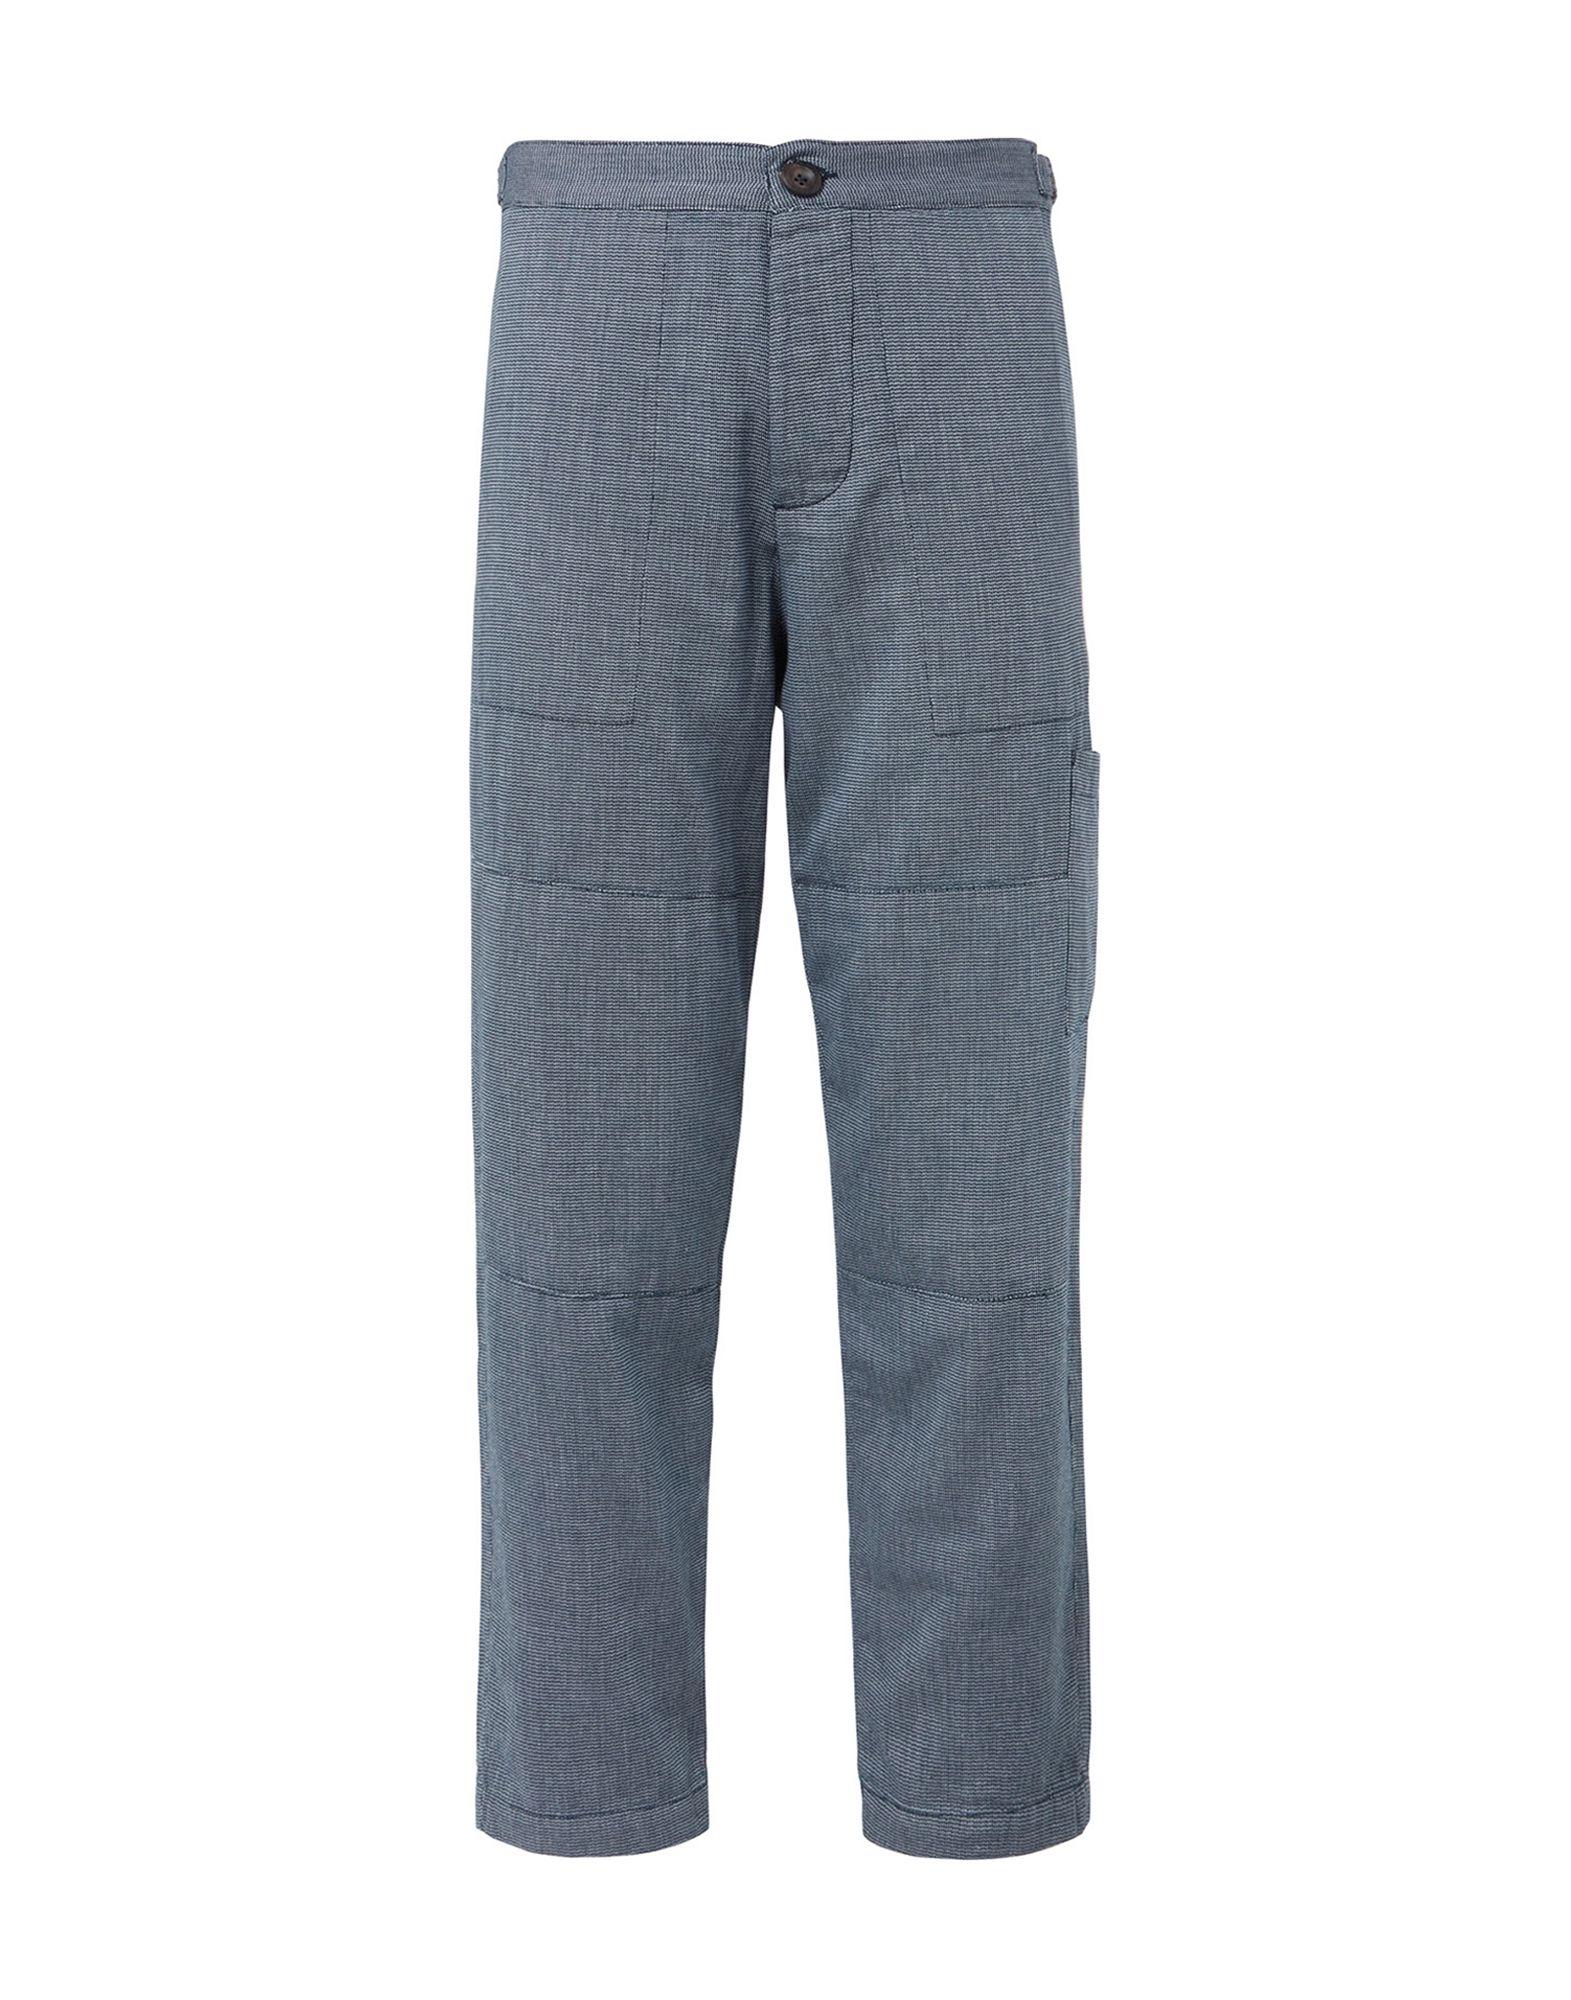 OLIVER SPENCER Повседневные брюки oliver spencer повседневные брюки